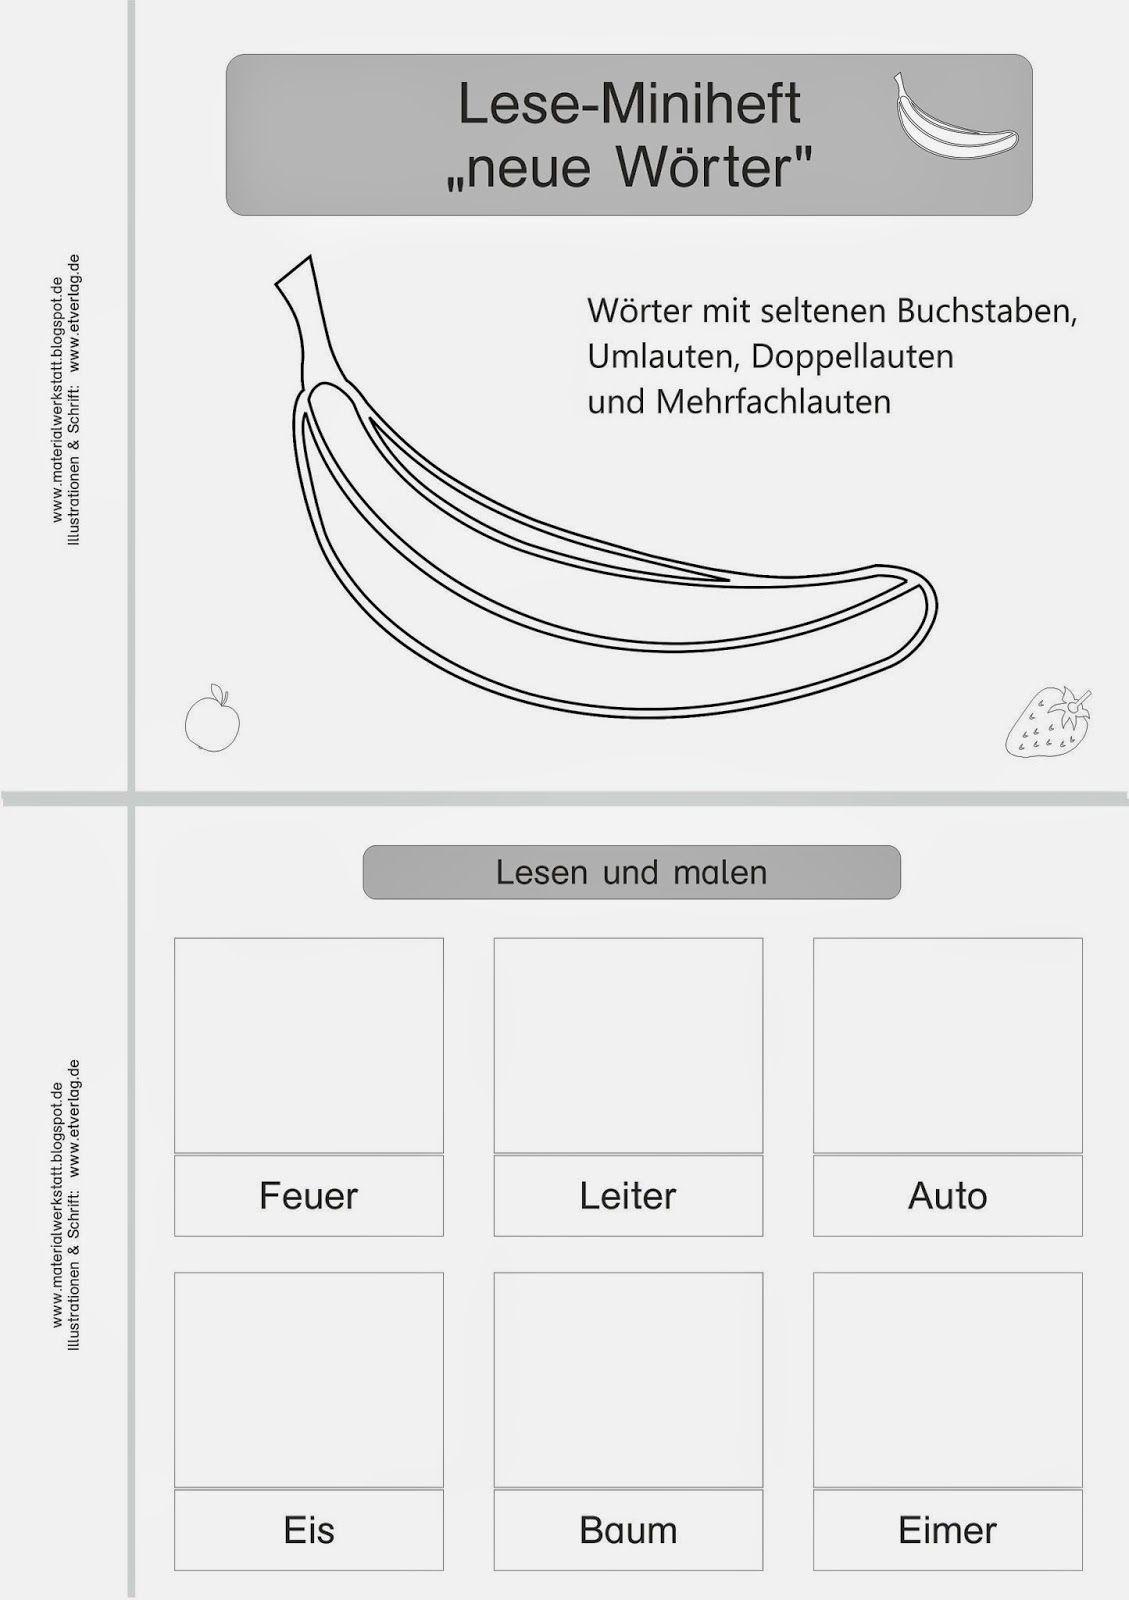 materialwerkstatt lese miniheft erste w rter schule f rderschule deutsch lesen deutsch. Black Bedroom Furniture Sets. Home Design Ideas